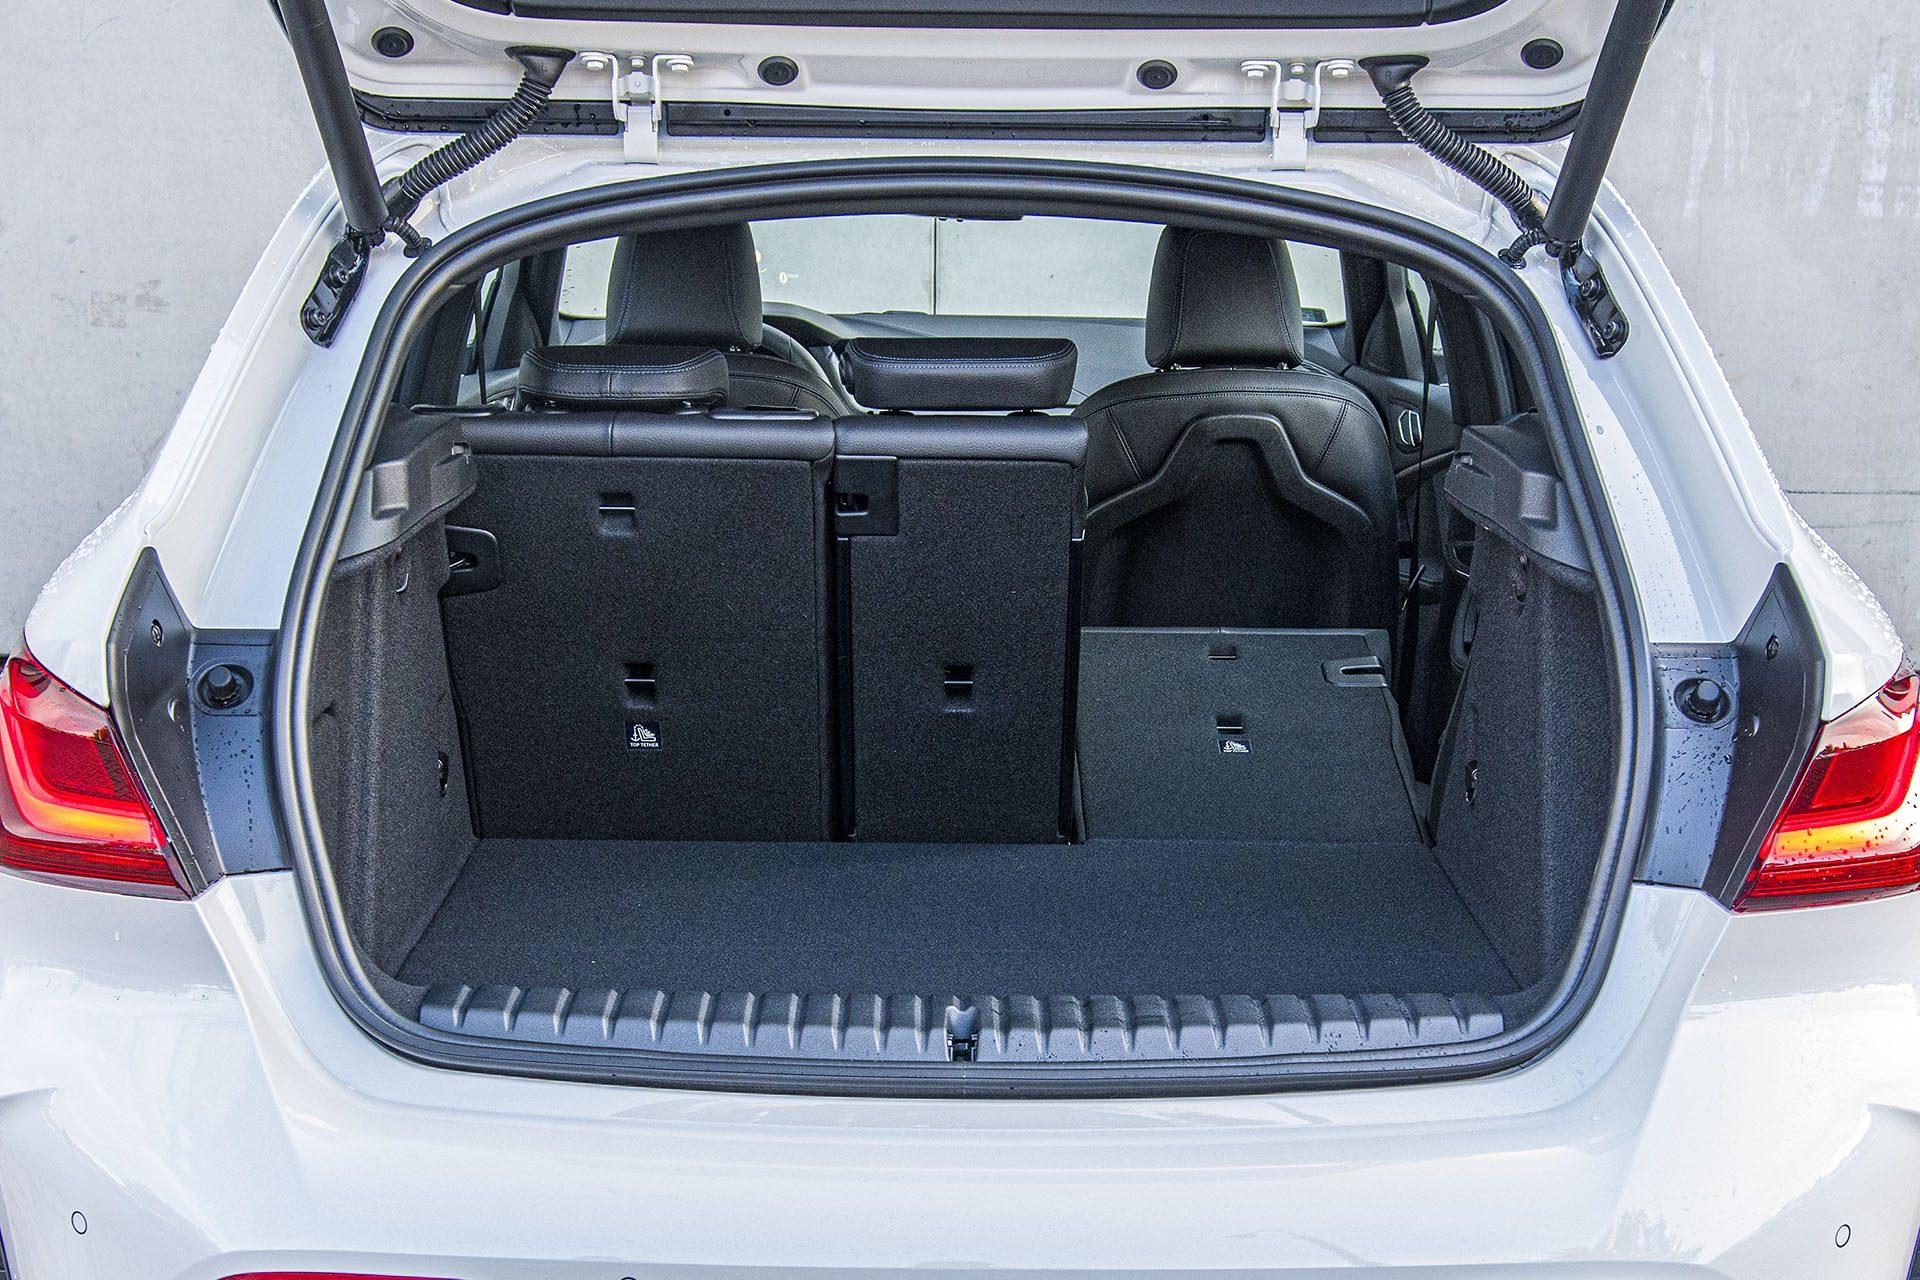 BMW serii 1 - bagażnik – PORÓWNANIE BMW 118i, Mazda 3 – opinie, spalanie, wymiary, dane techniczne